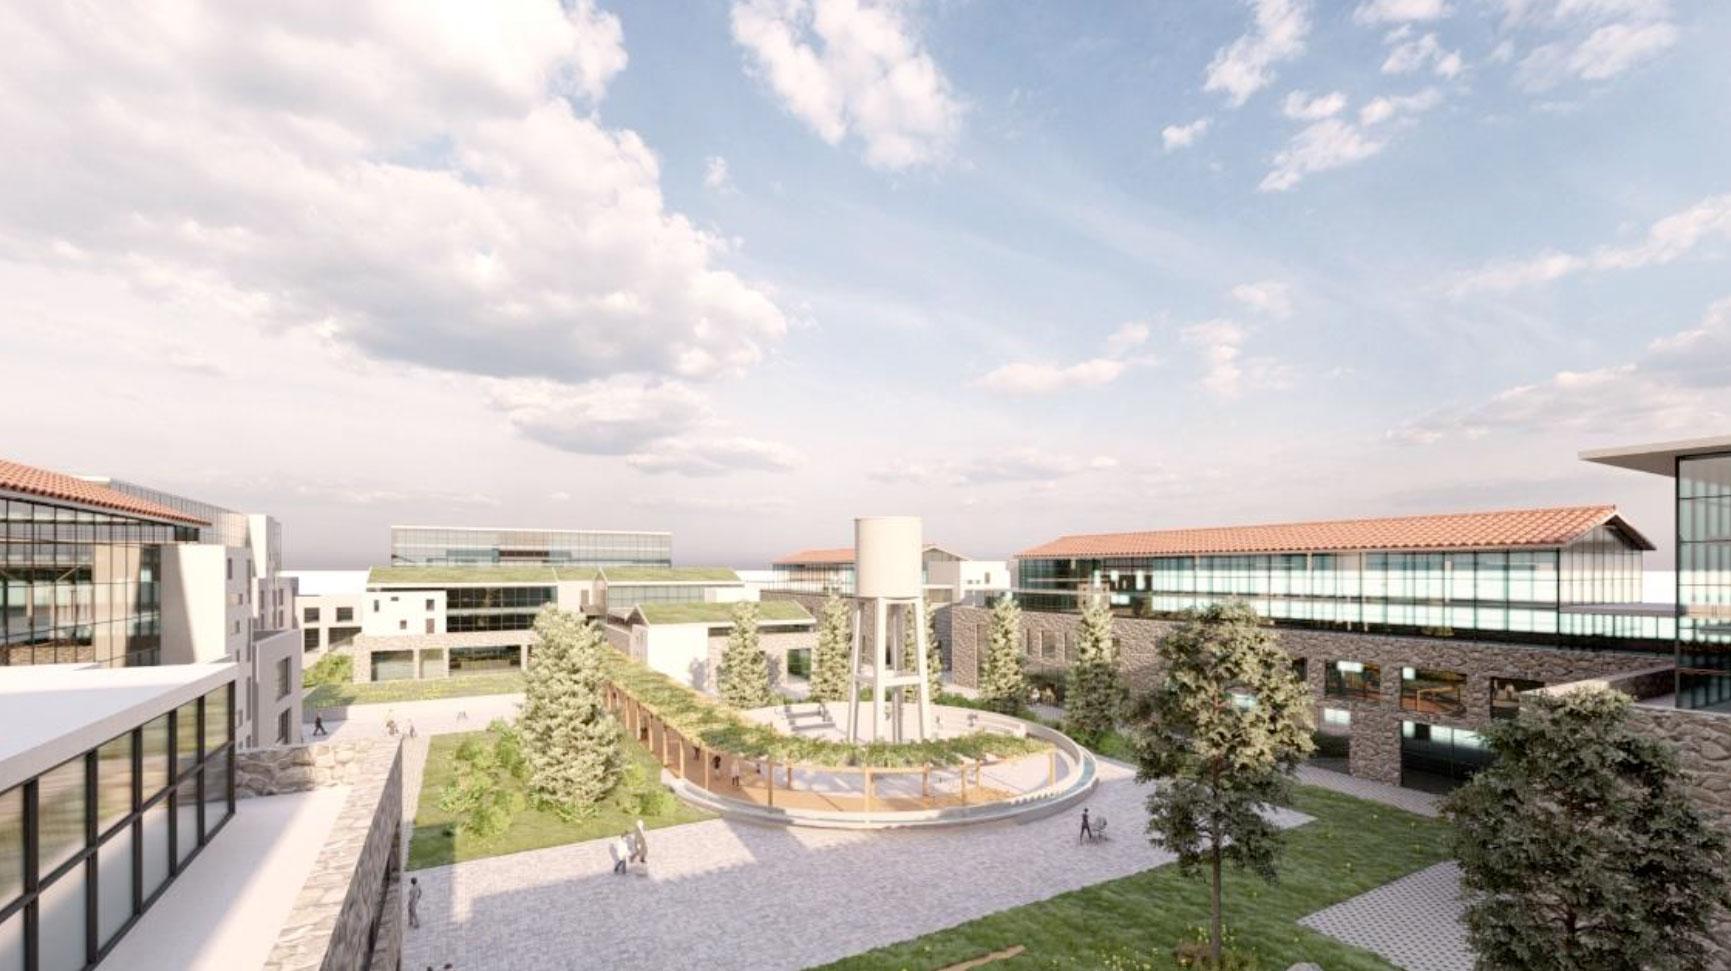 Η νέα Πολιτεία Καινοτομίας που θα κατασκευαστεί στο πρώην ακίνητο της ΧΡΩ.ΠΕΙ. στην Πειραιώς